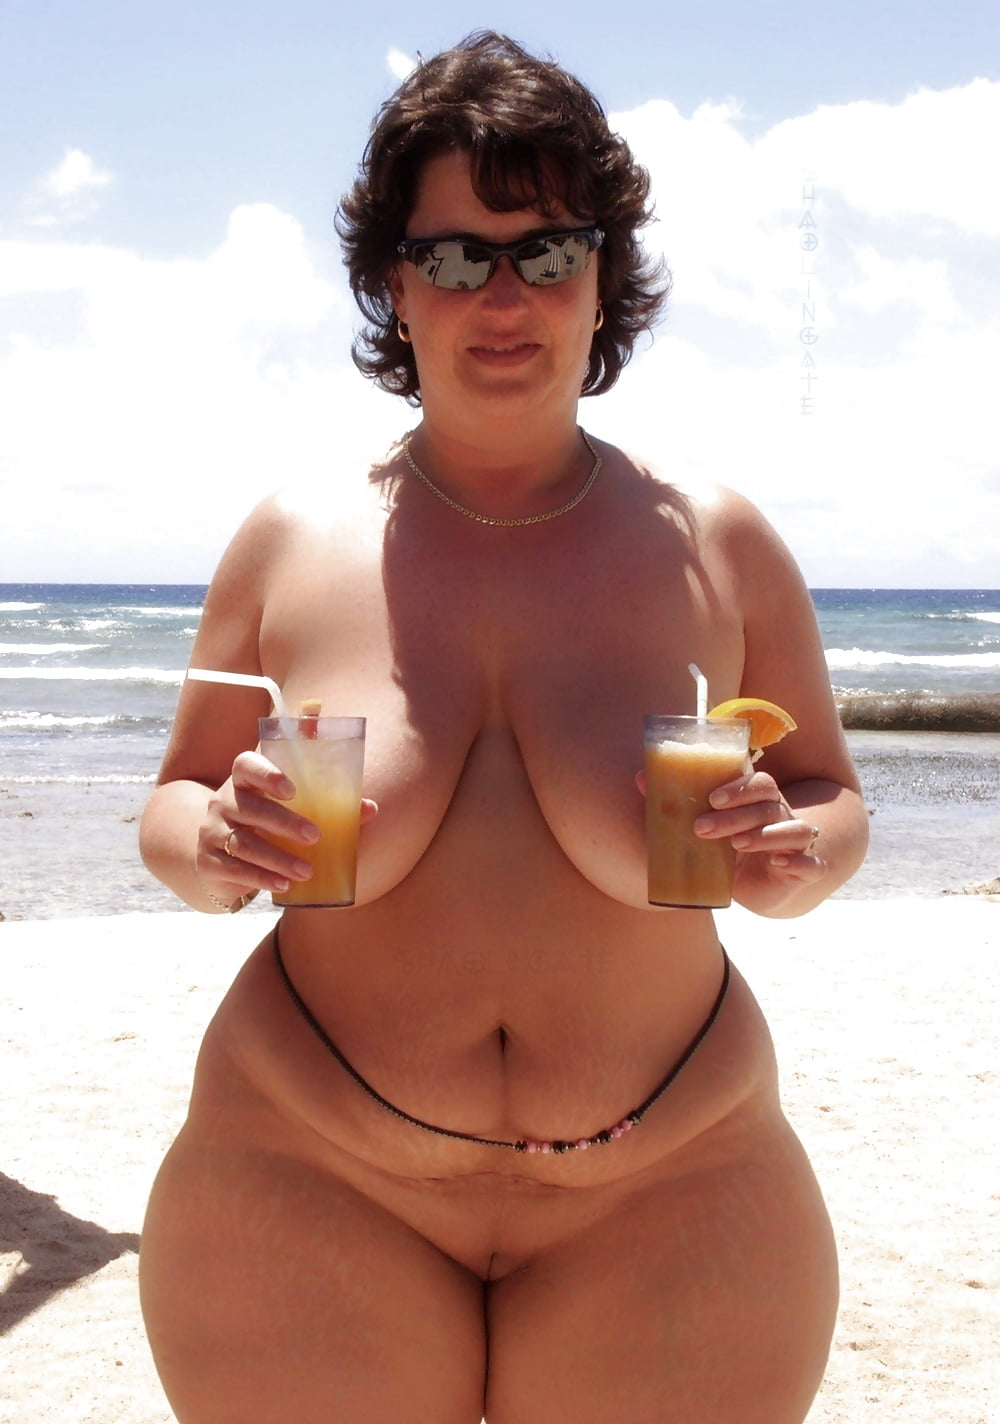 Chick wordt opgepikt op het strand - 1 9